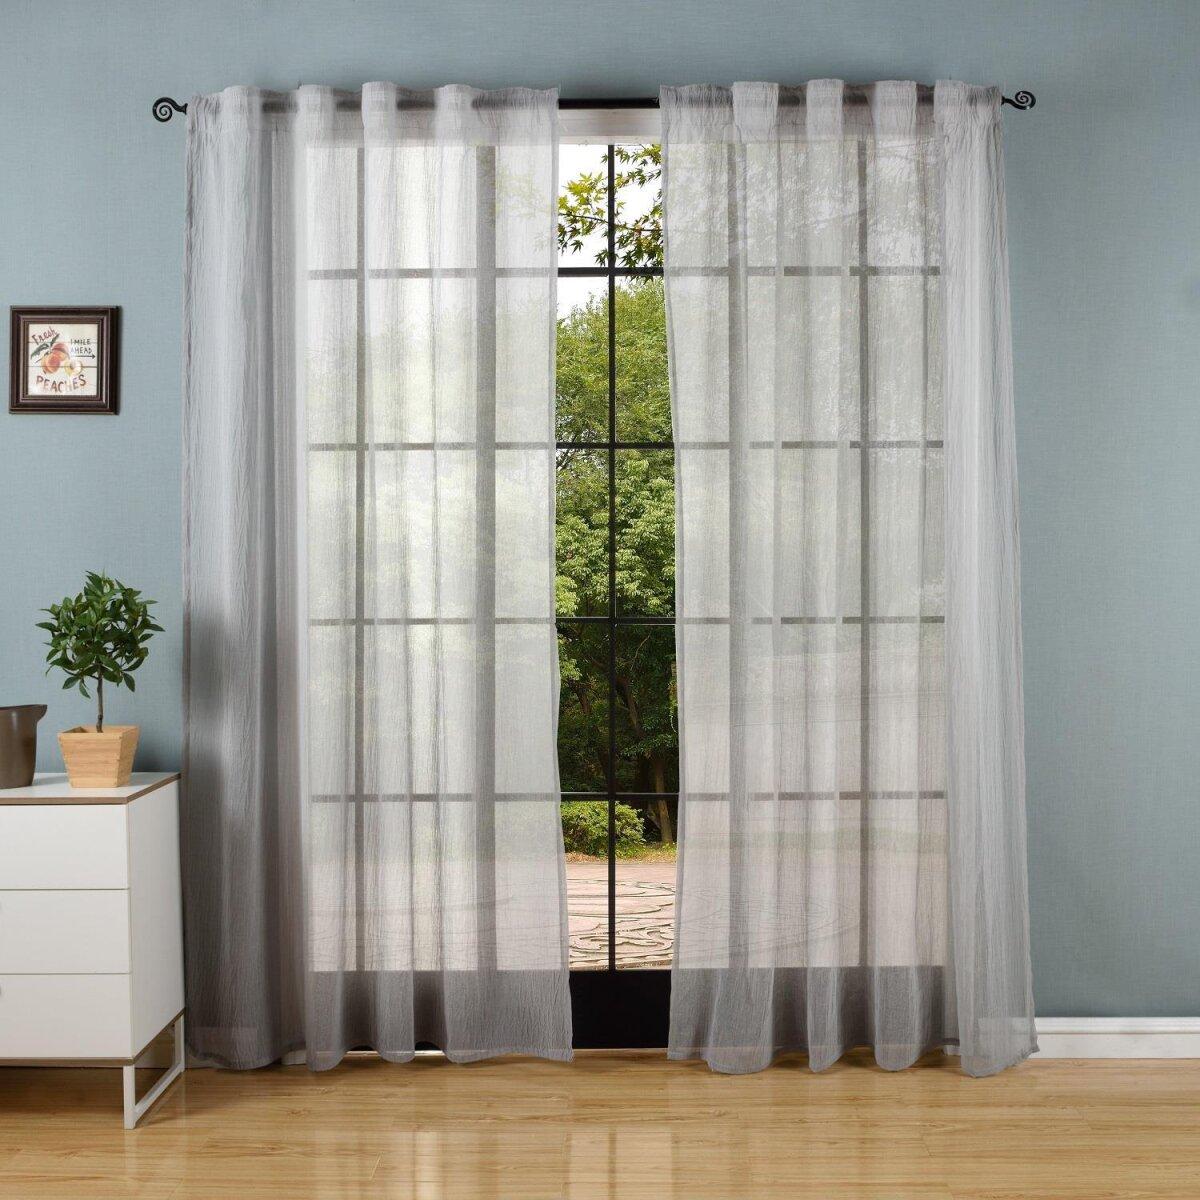 20475 gardine crushed leinen optik transparent voile verdeckte sc. Black Bedroom Furniture Sets. Home Design Ideas